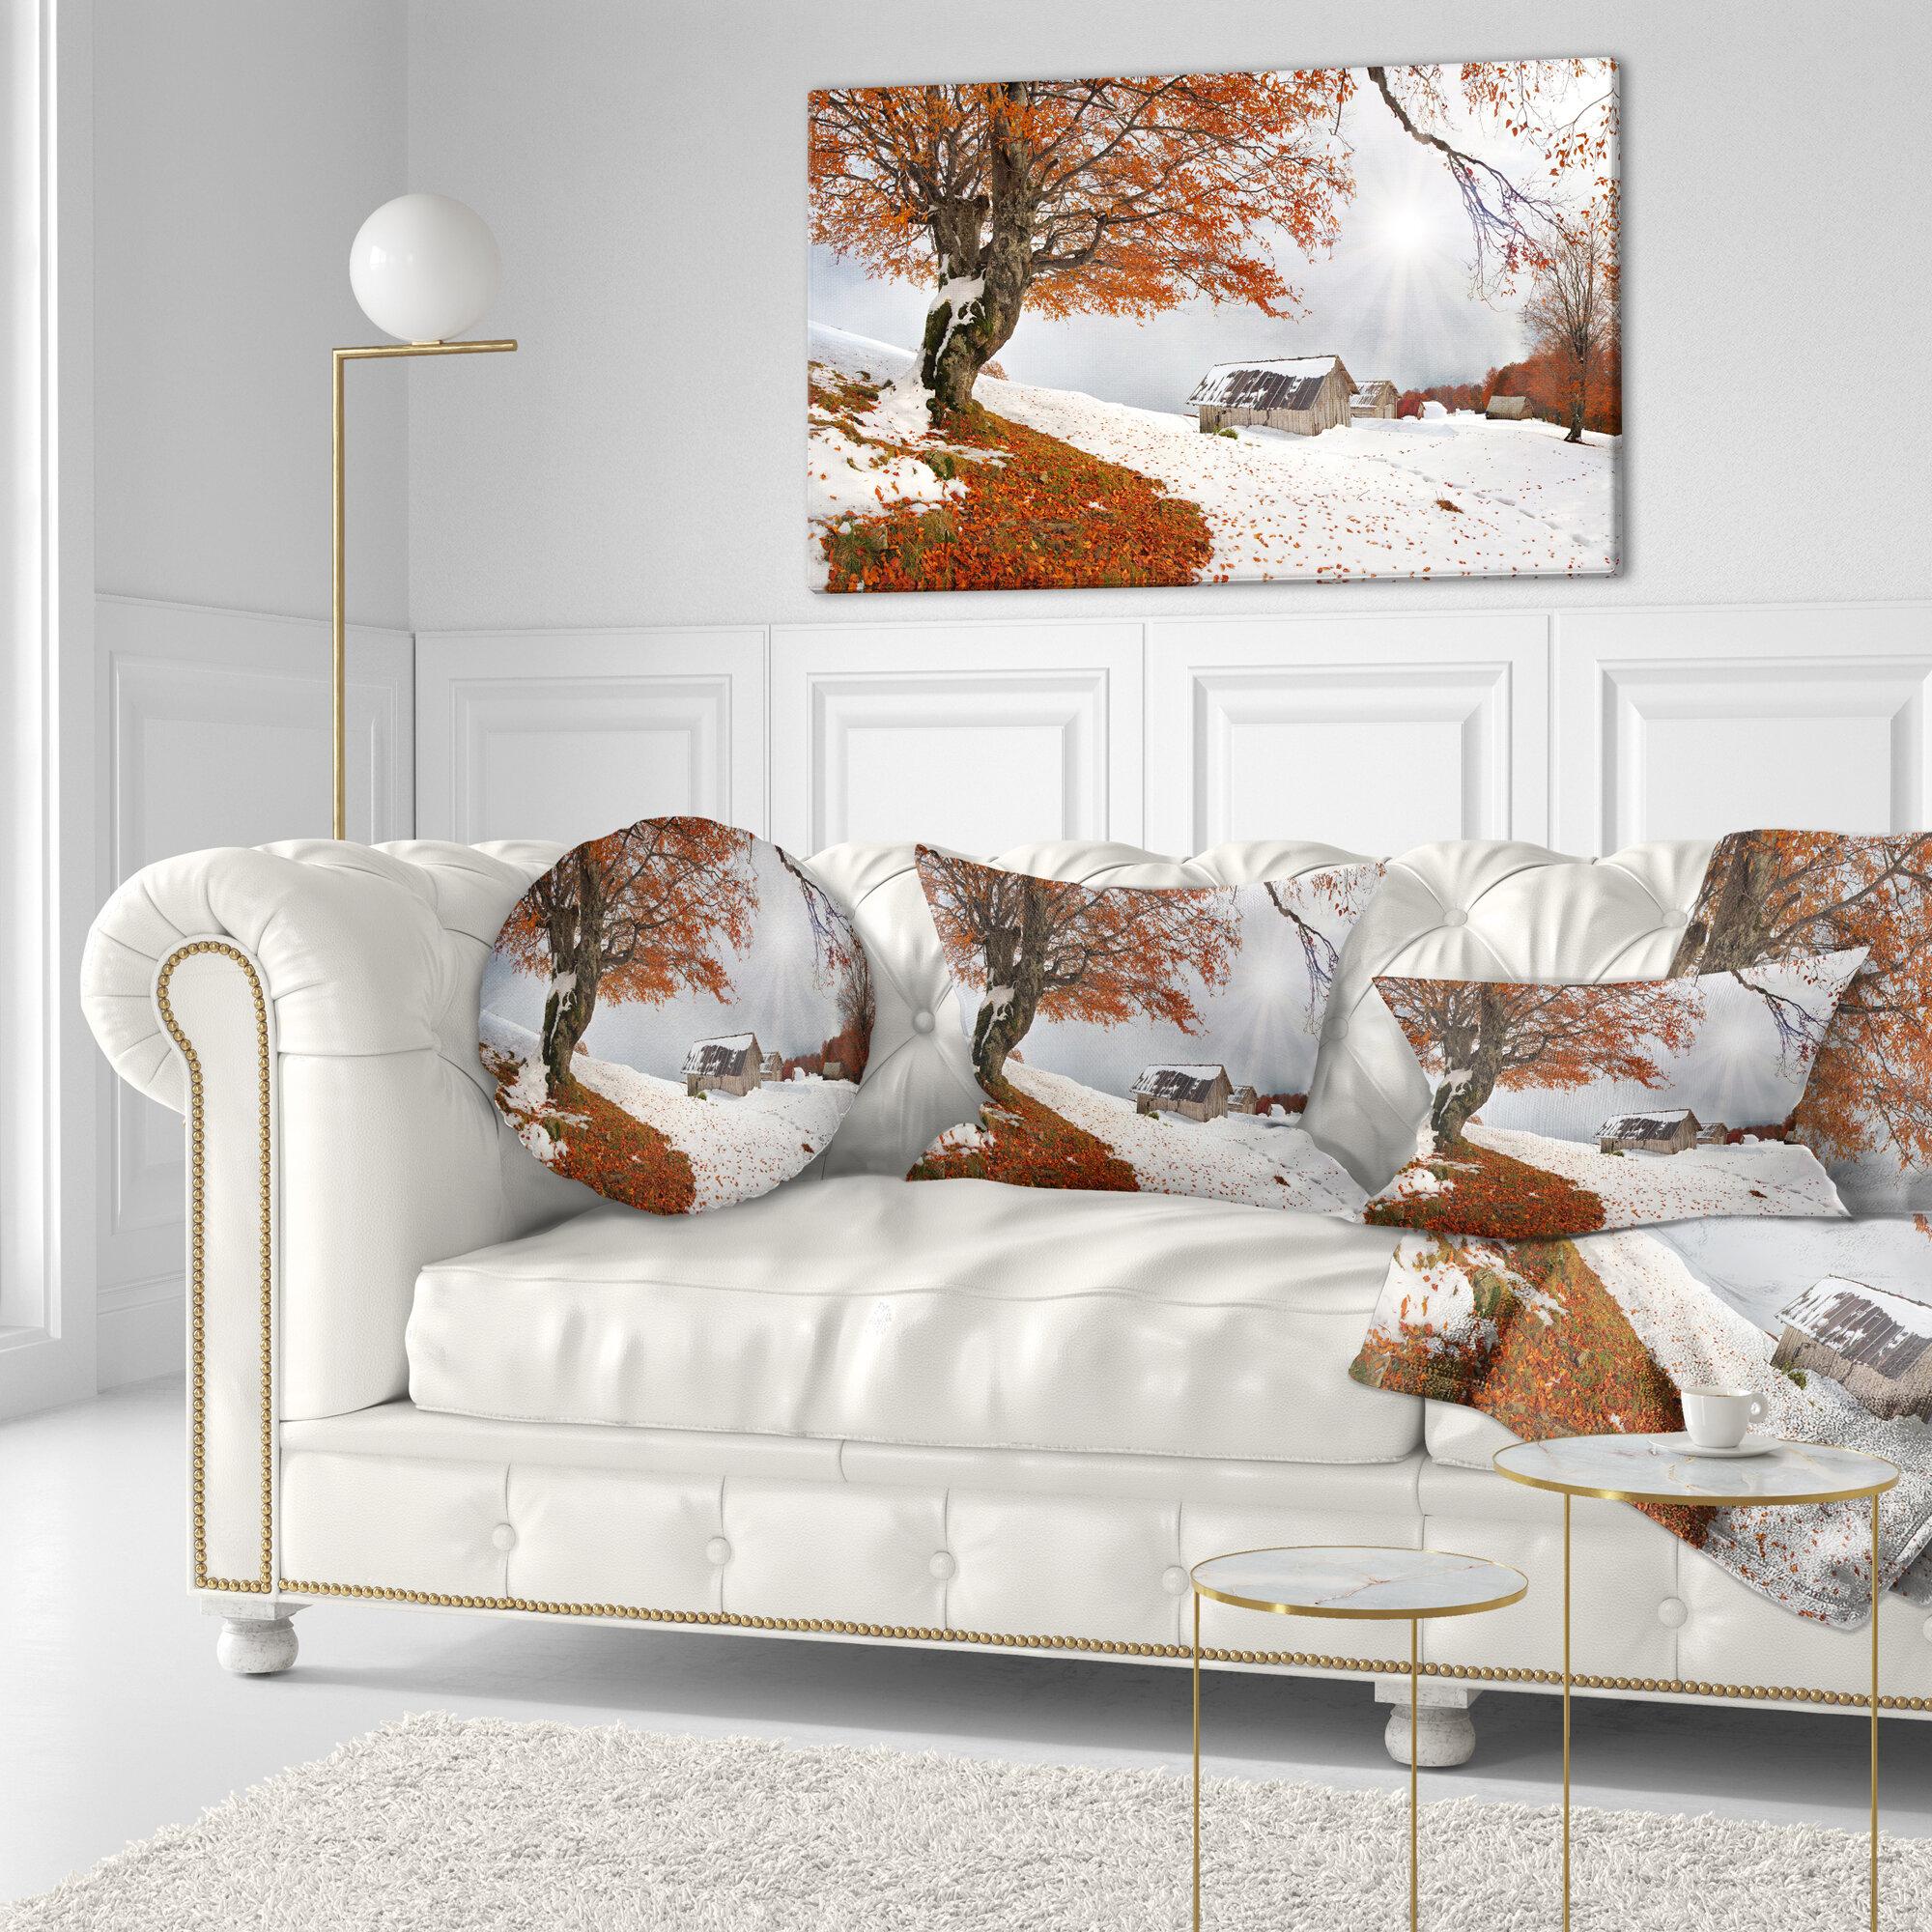 East Urban Home Landscape Photography Sudden Snow In First Autumn Lumbar Pillow Wayfair